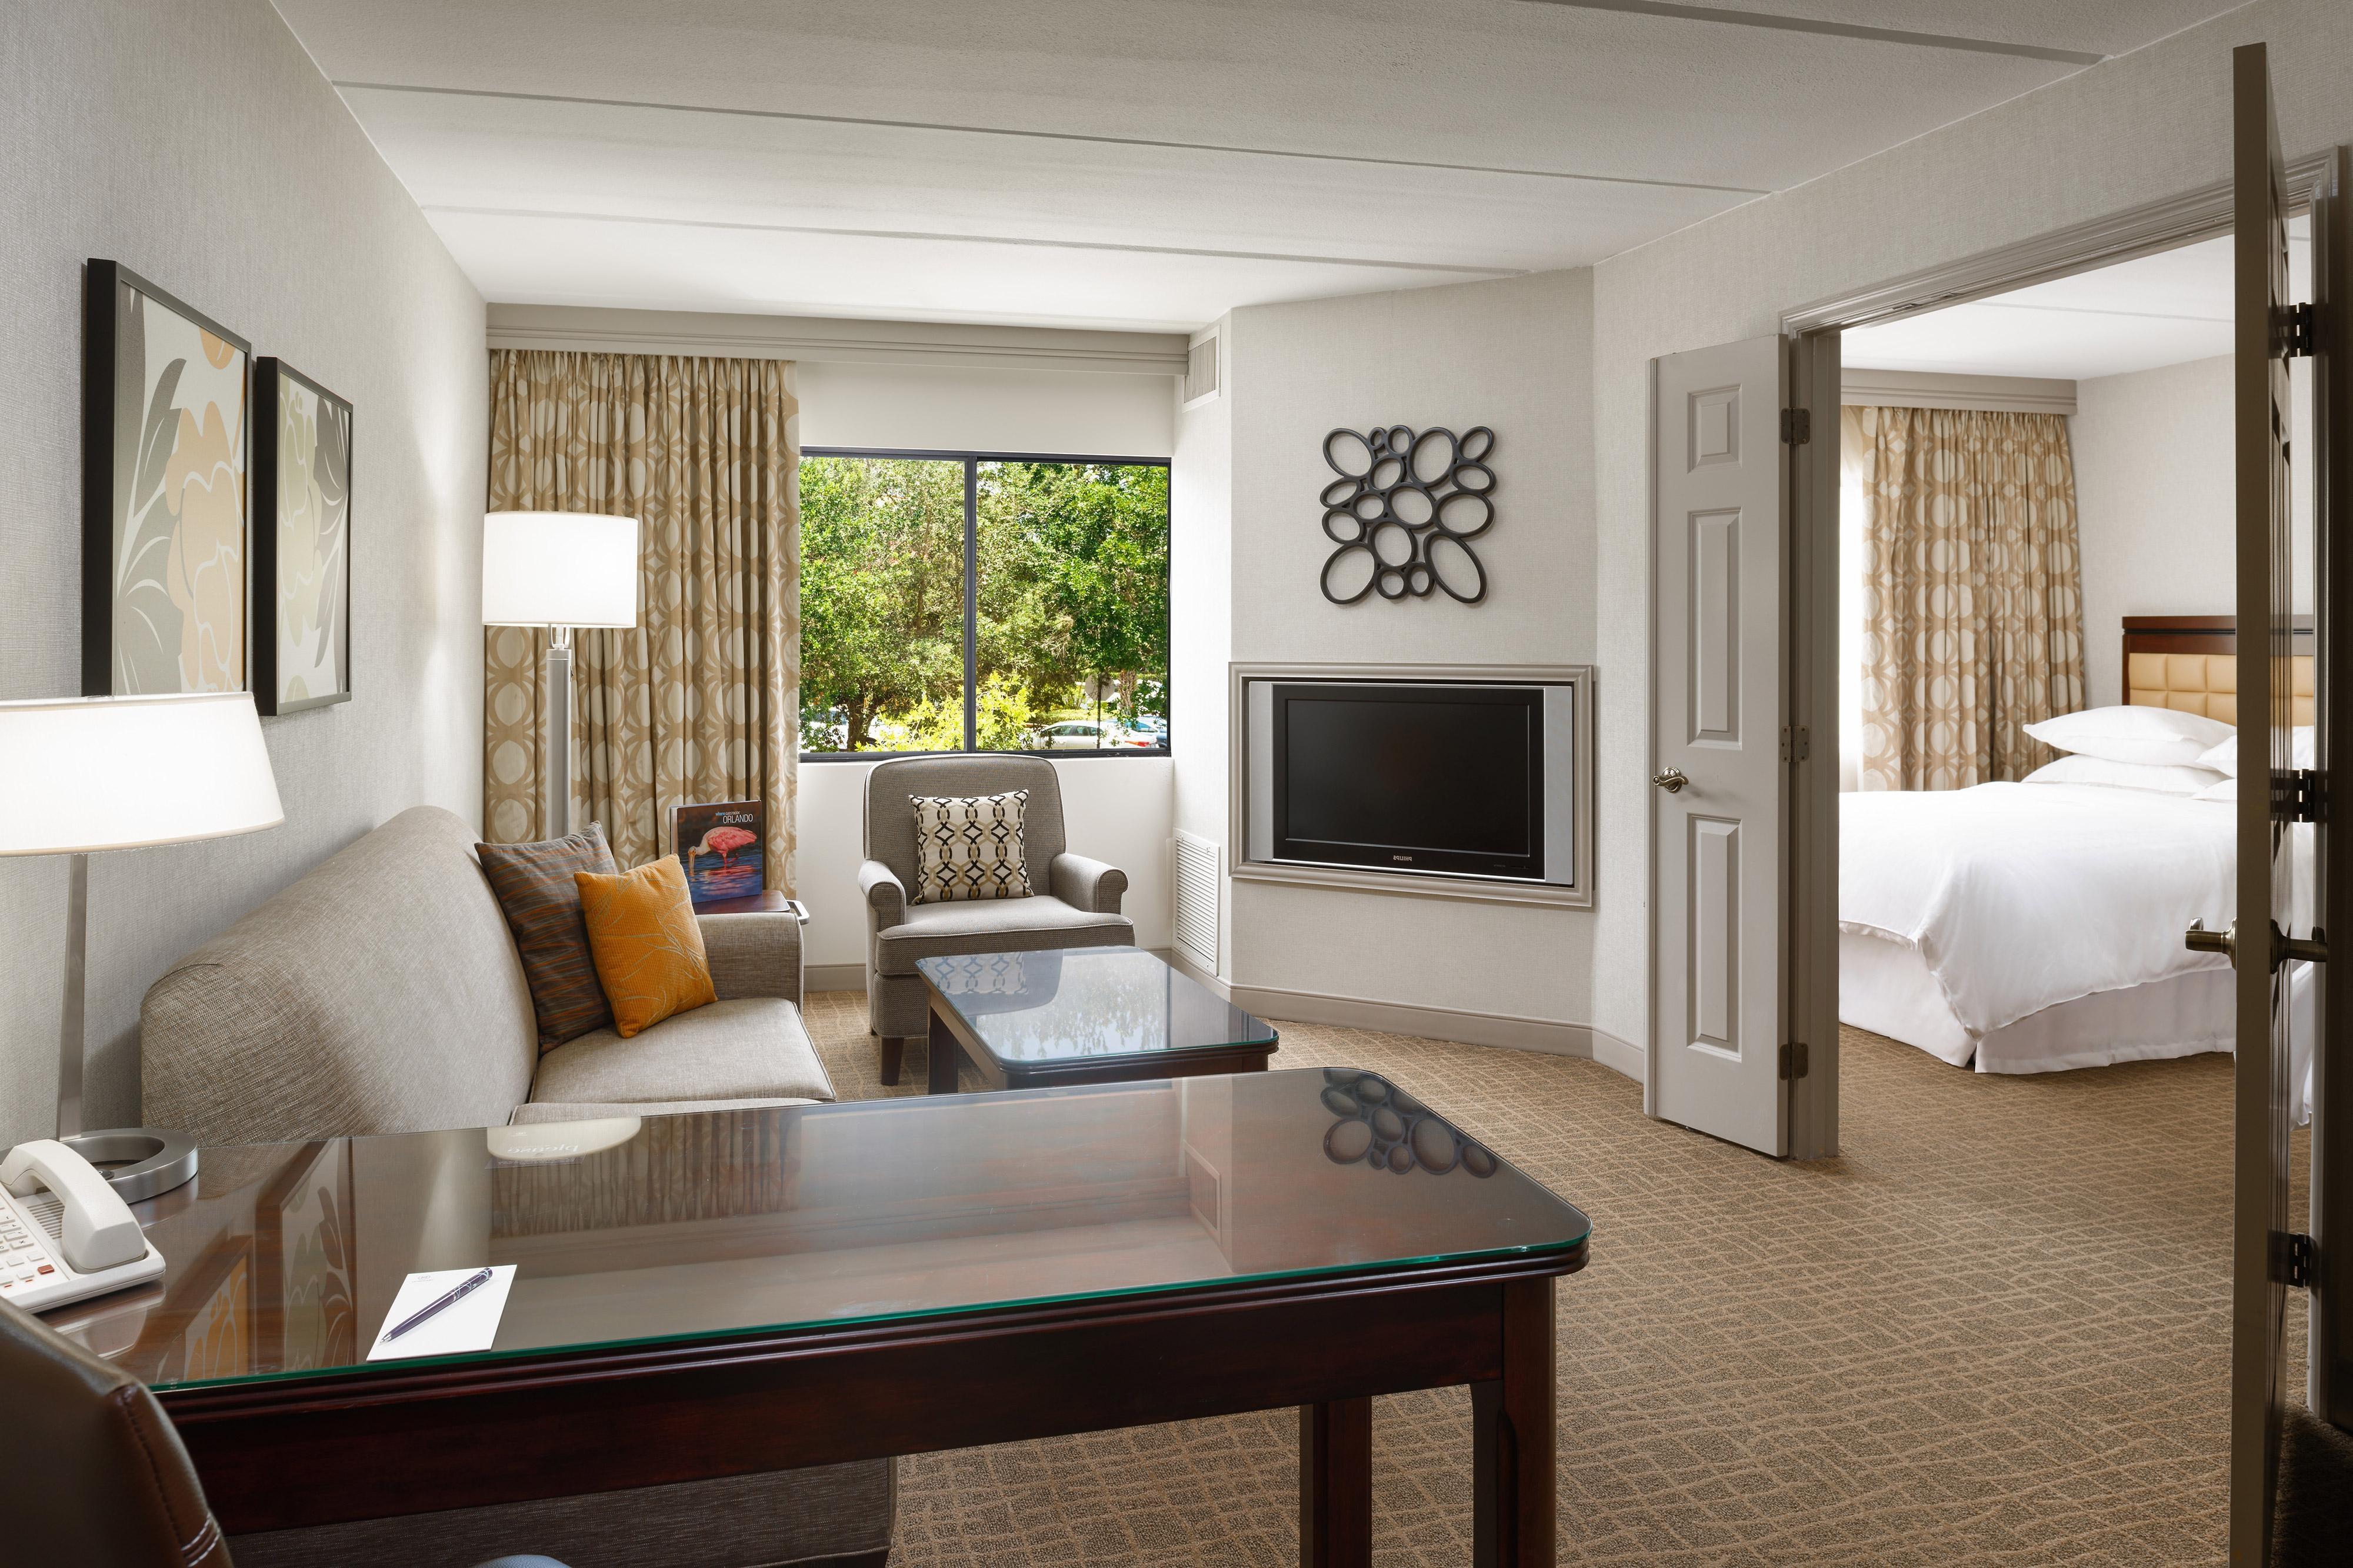 Suite mit zwei Zimmern und Kingsize-Bett